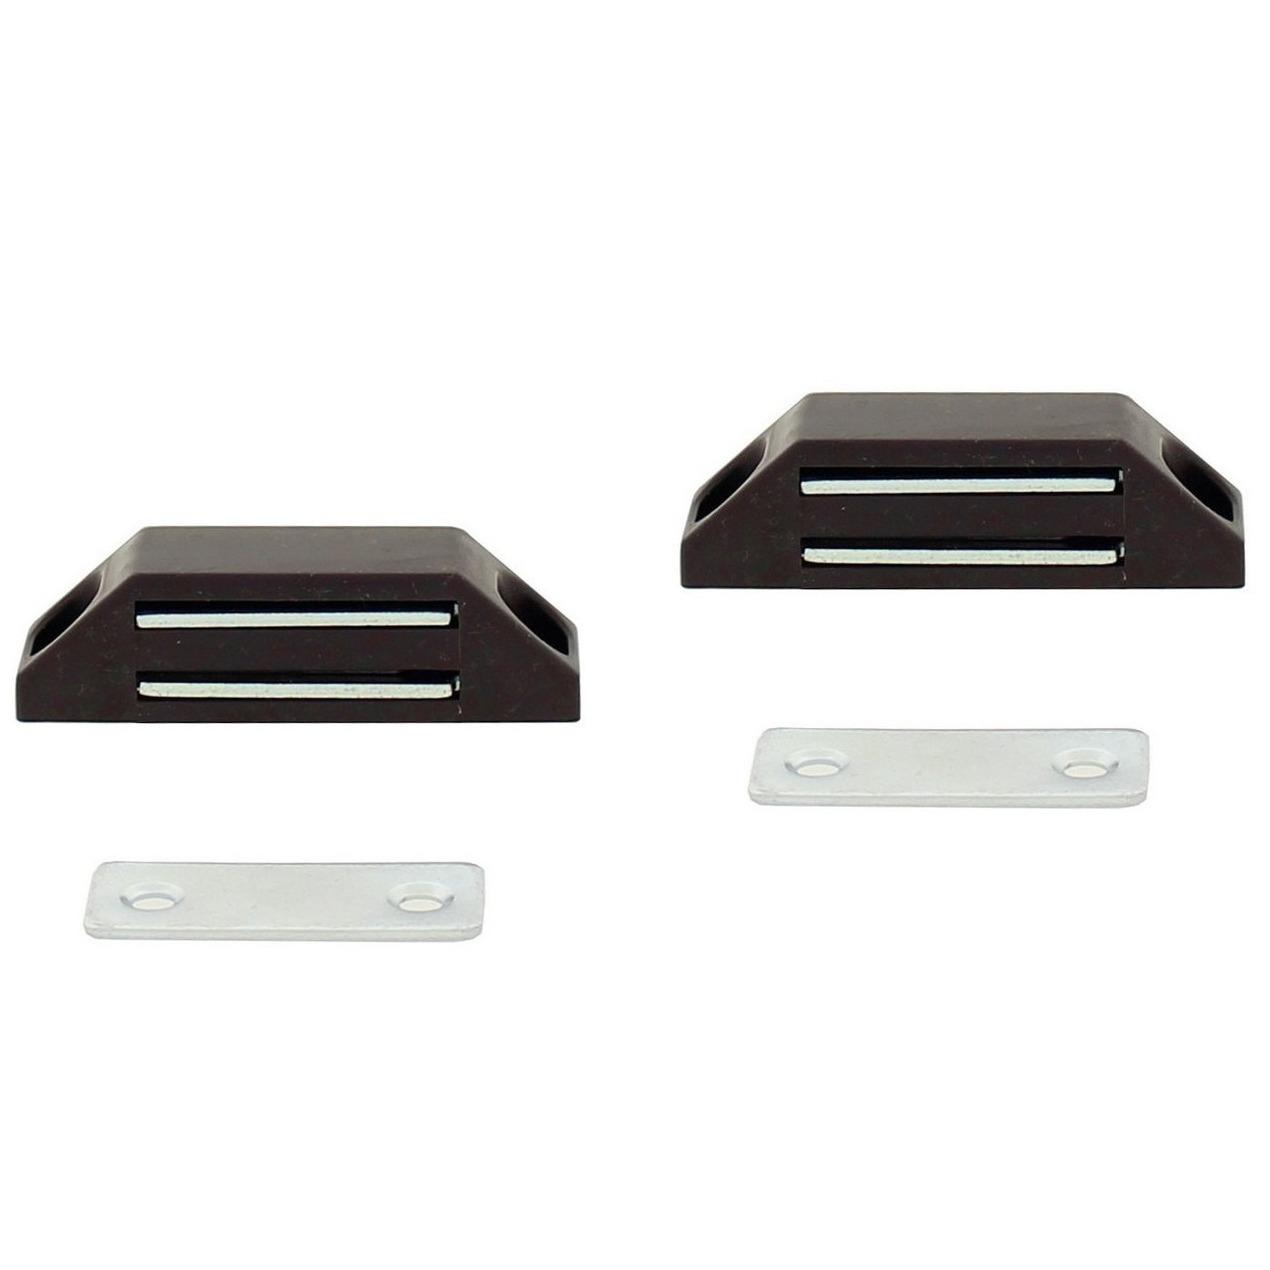 2x stuks magneetsnapper - magneetsnappers met metalen sluitplaat bruin 6 x 3,8 x 1,6 cm